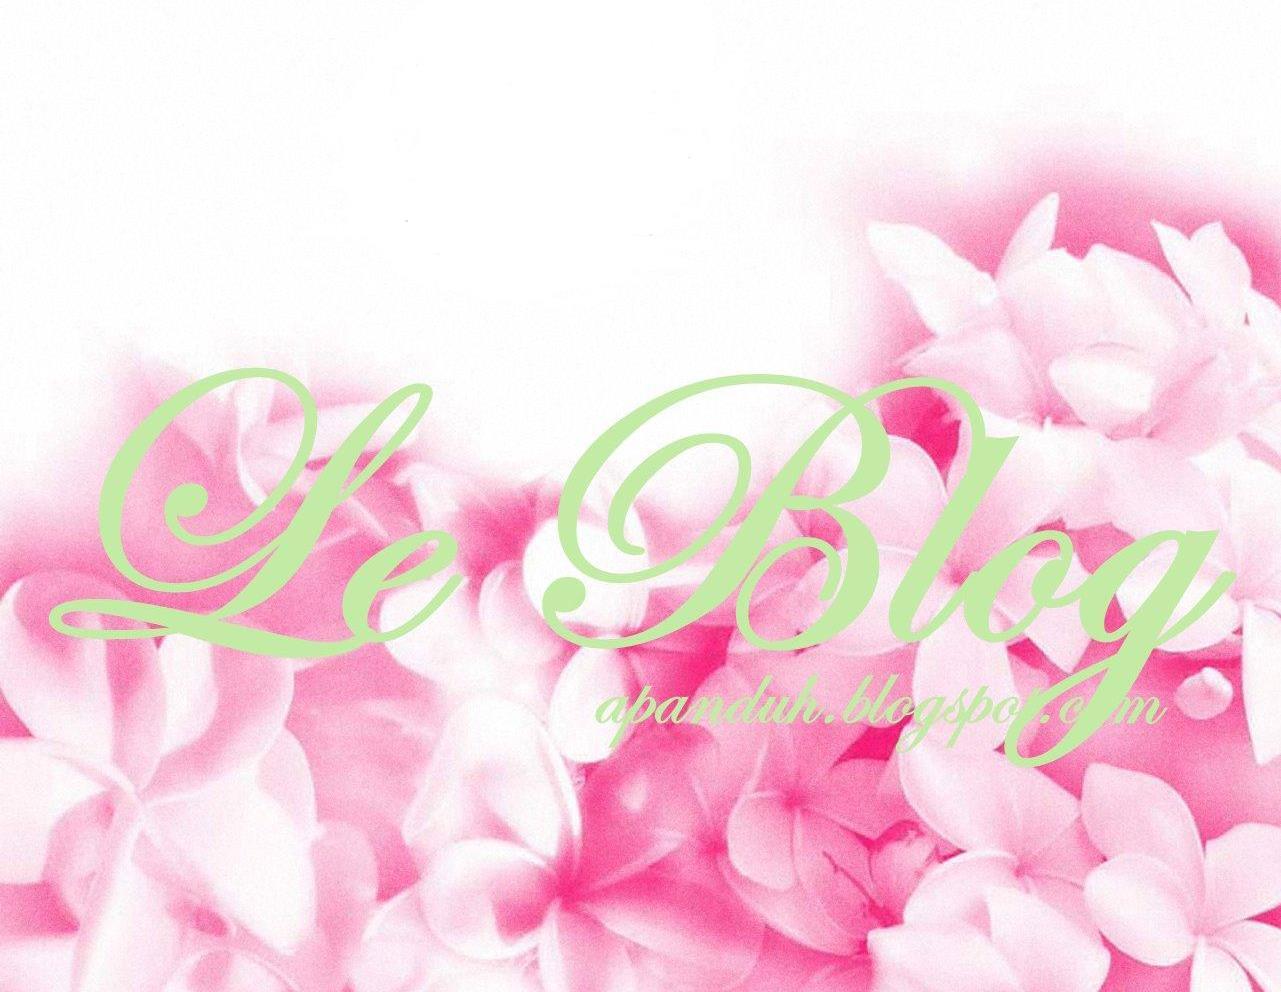 http://2.bp.blogspot.com/_34kjPAV8WBE/SWhayvoduKI/AAAAAAAAAQo/F8rfizJCyNY/S1600-R/Wallpaper_Pink_Flowers2.jpg